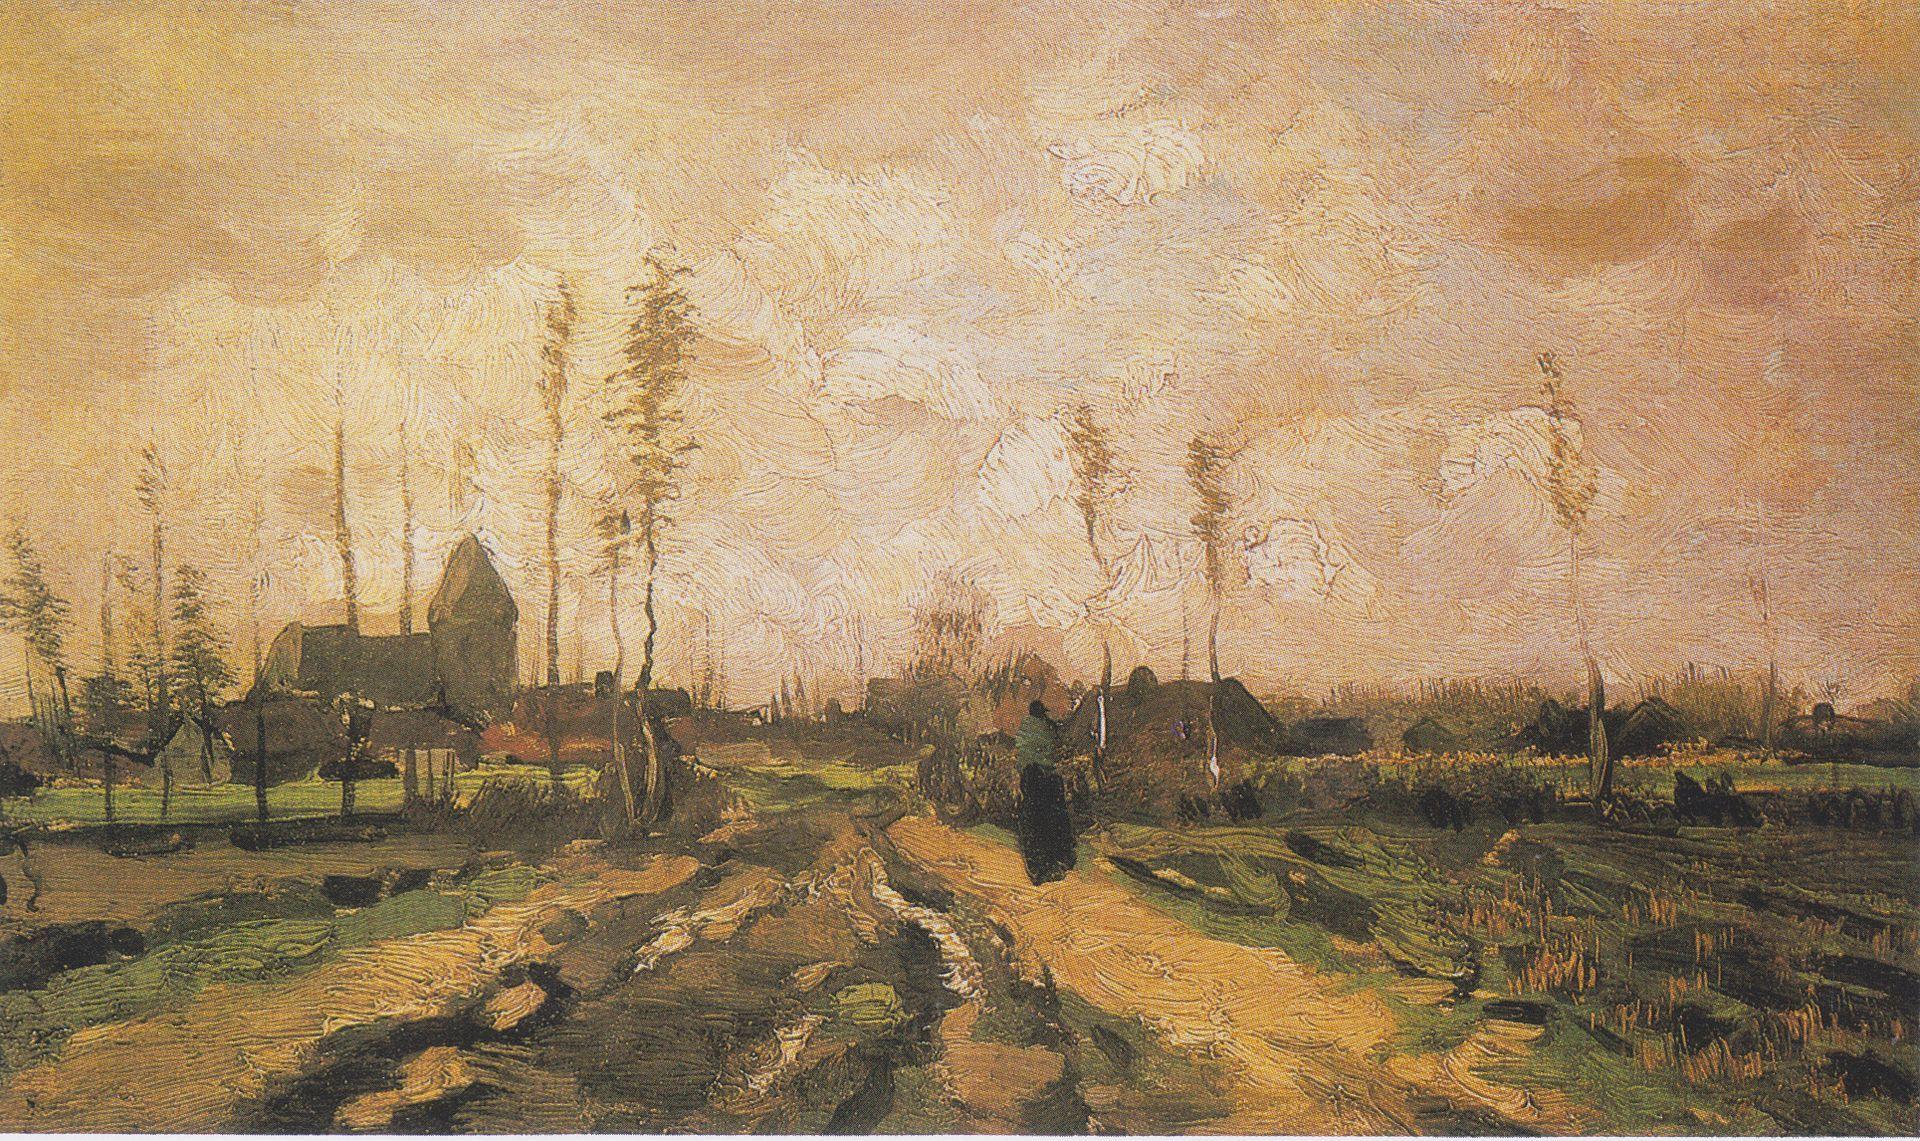 Van Gogh - Landschaft mit Kirche und Häusern, 1885